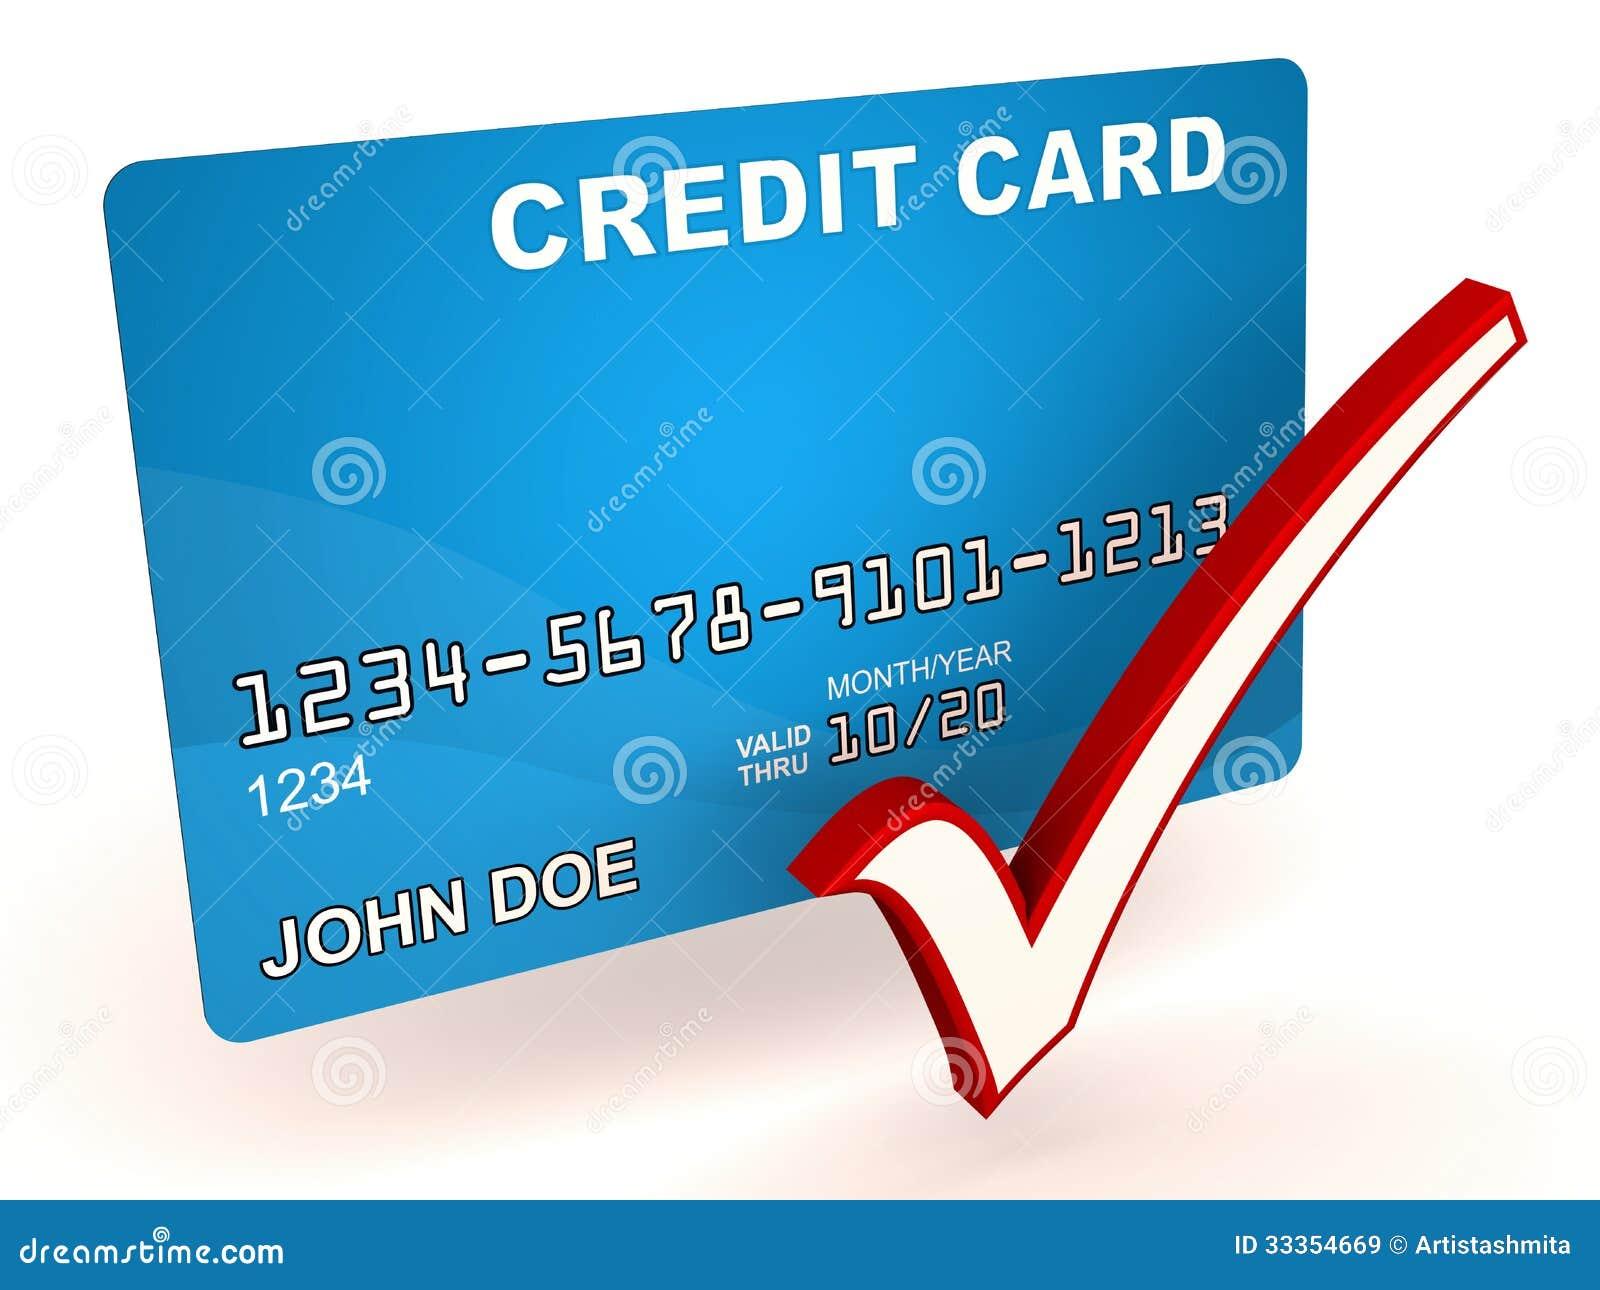 credit card ok royalty free stock images image 33354669. Black Bedroom Furniture Sets. Home Design Ideas